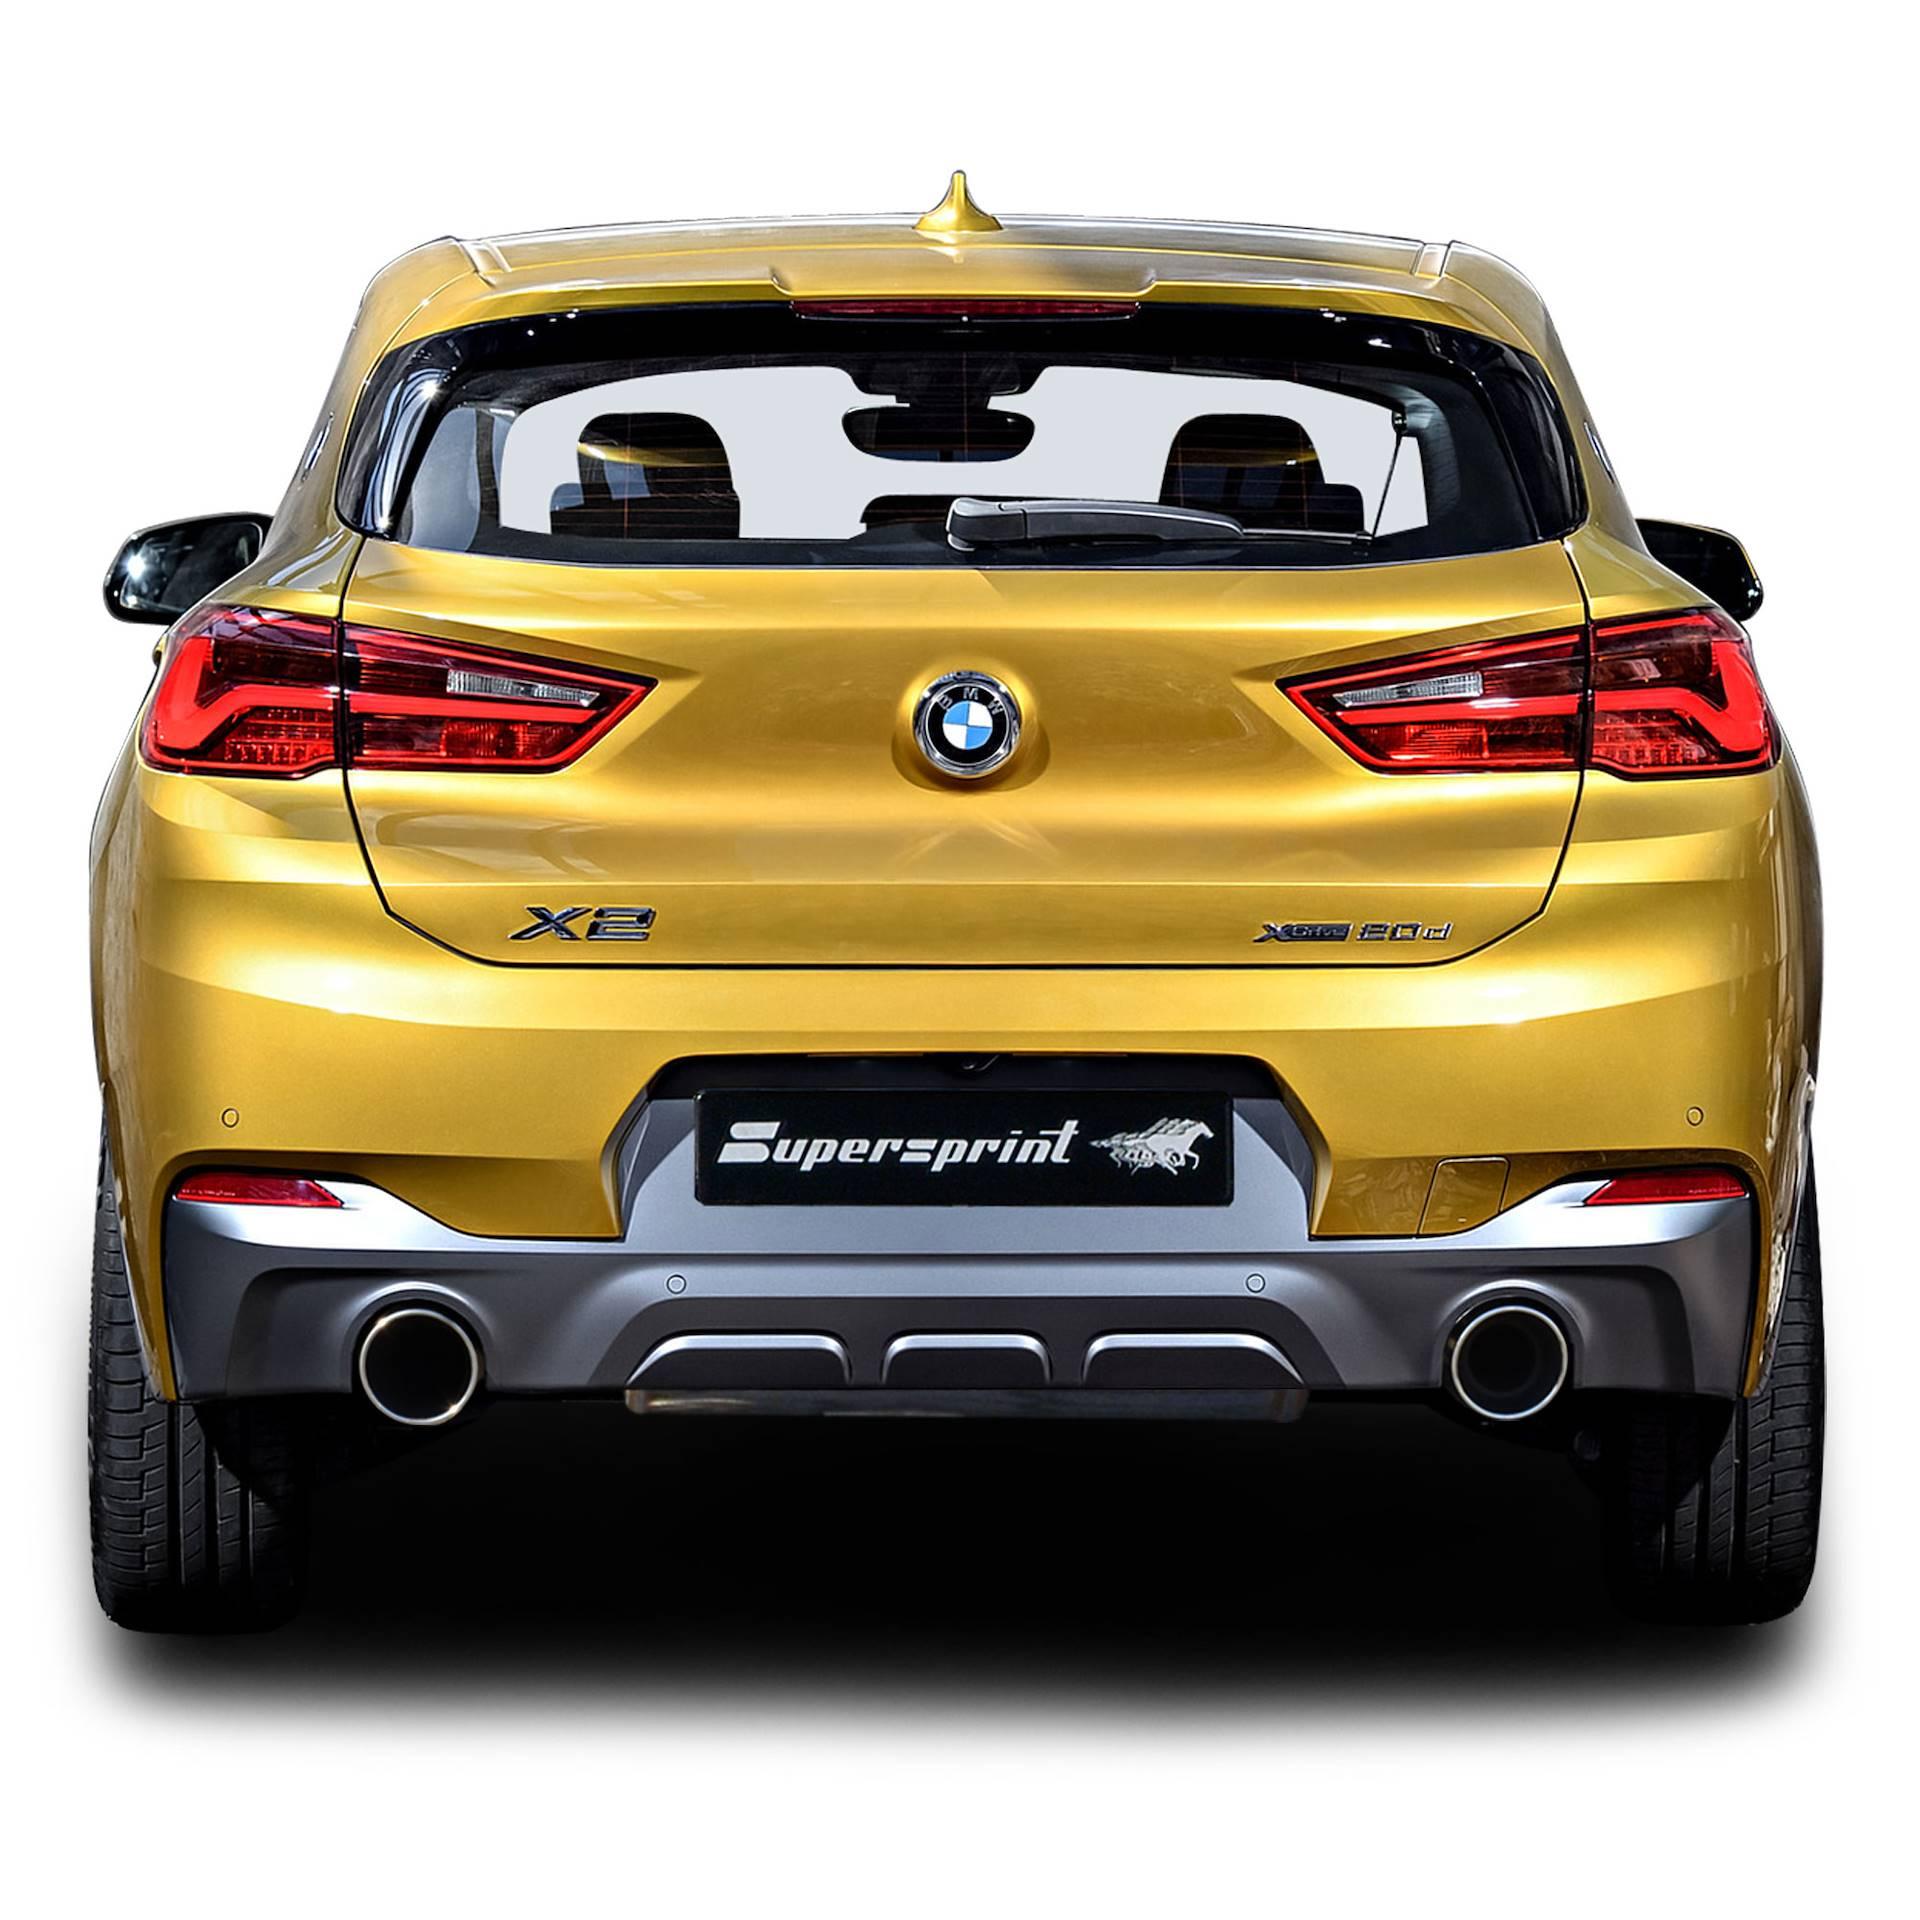 Bmw Xdrive 28i: Système D'échappement Sportif Pour BMW X2 25d XDrive 231